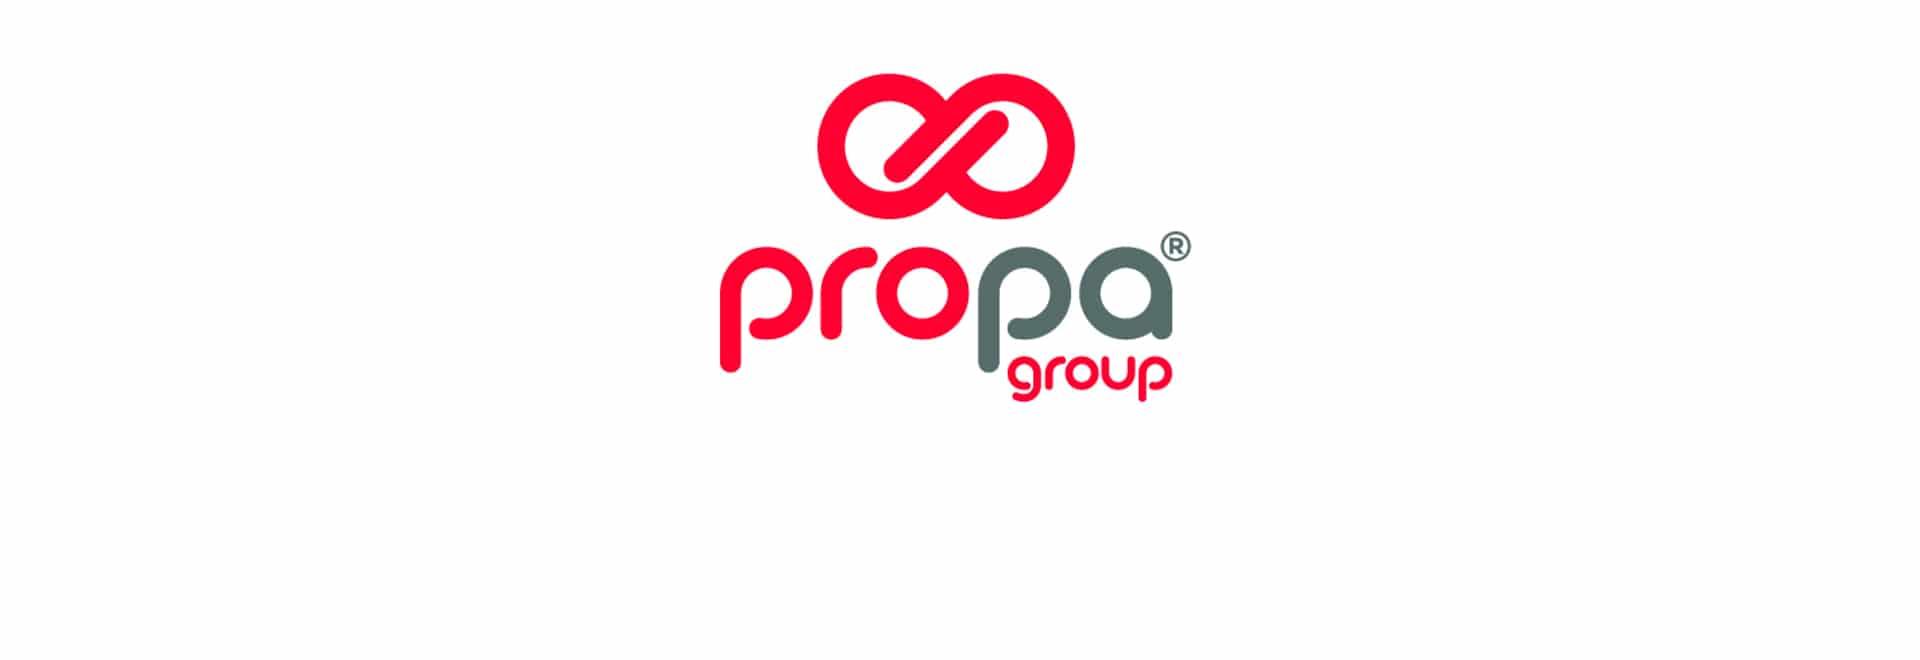 Propagroup présente sa nouvelle vidéo